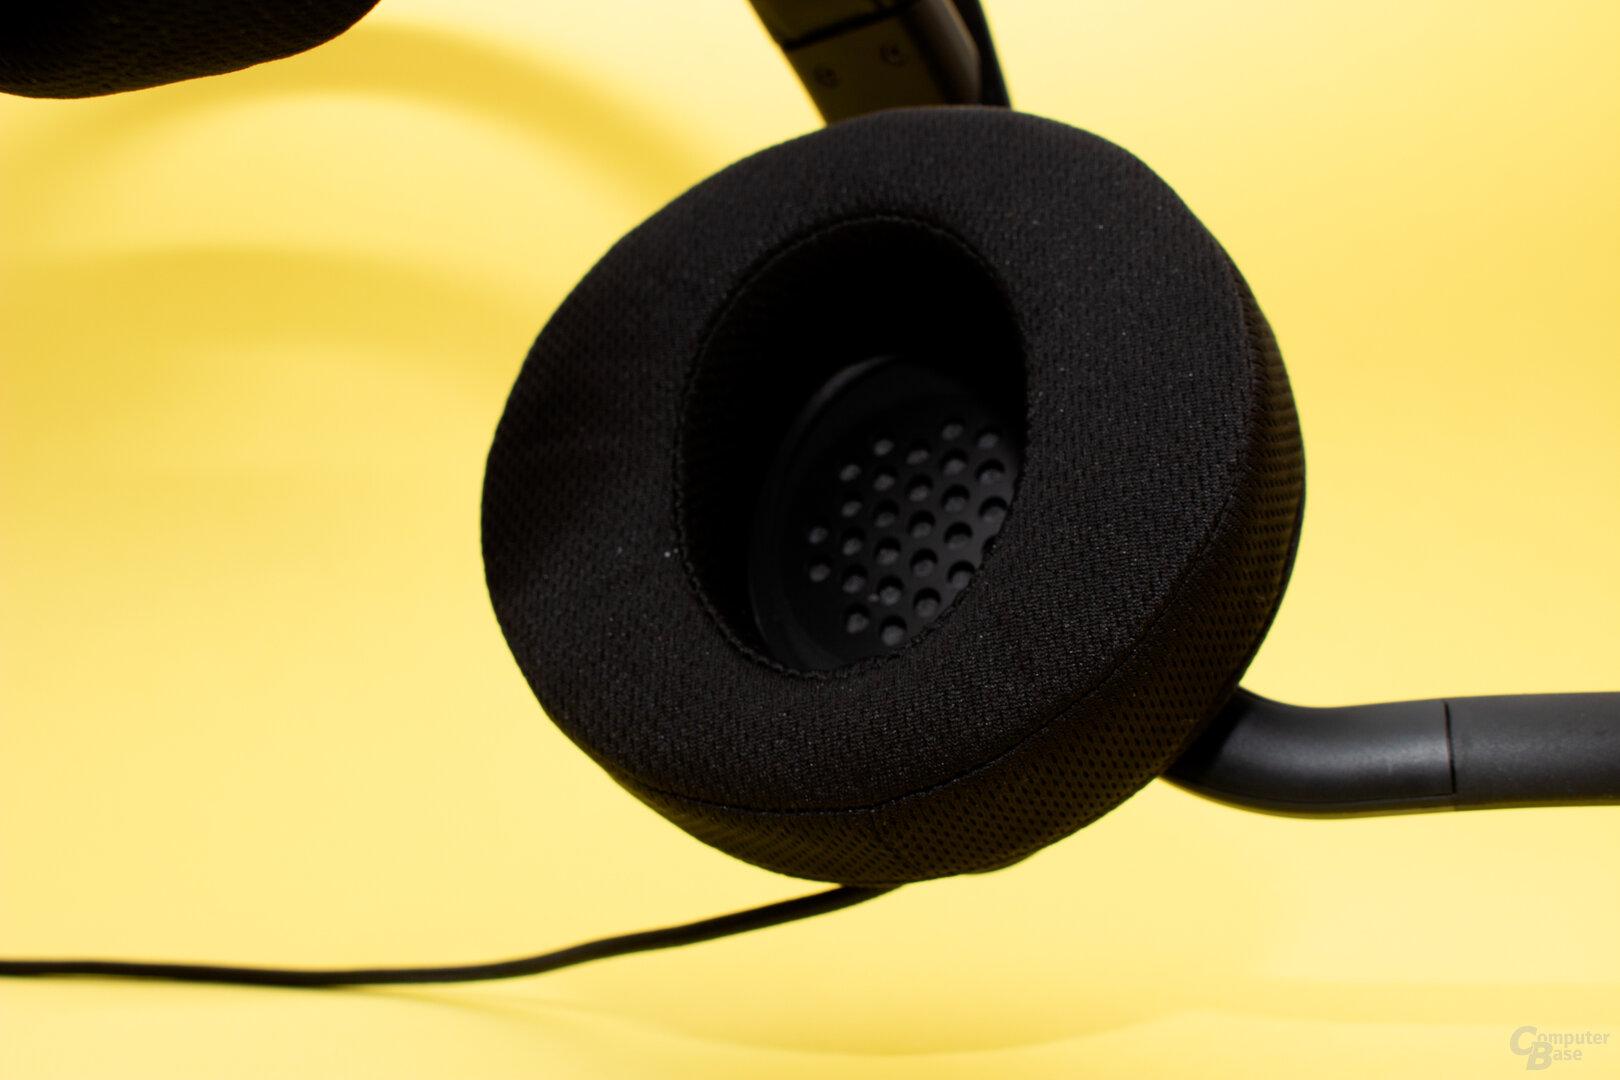 Die Polster der Ohrmuscheln fallen beim neuen Headset größer aus